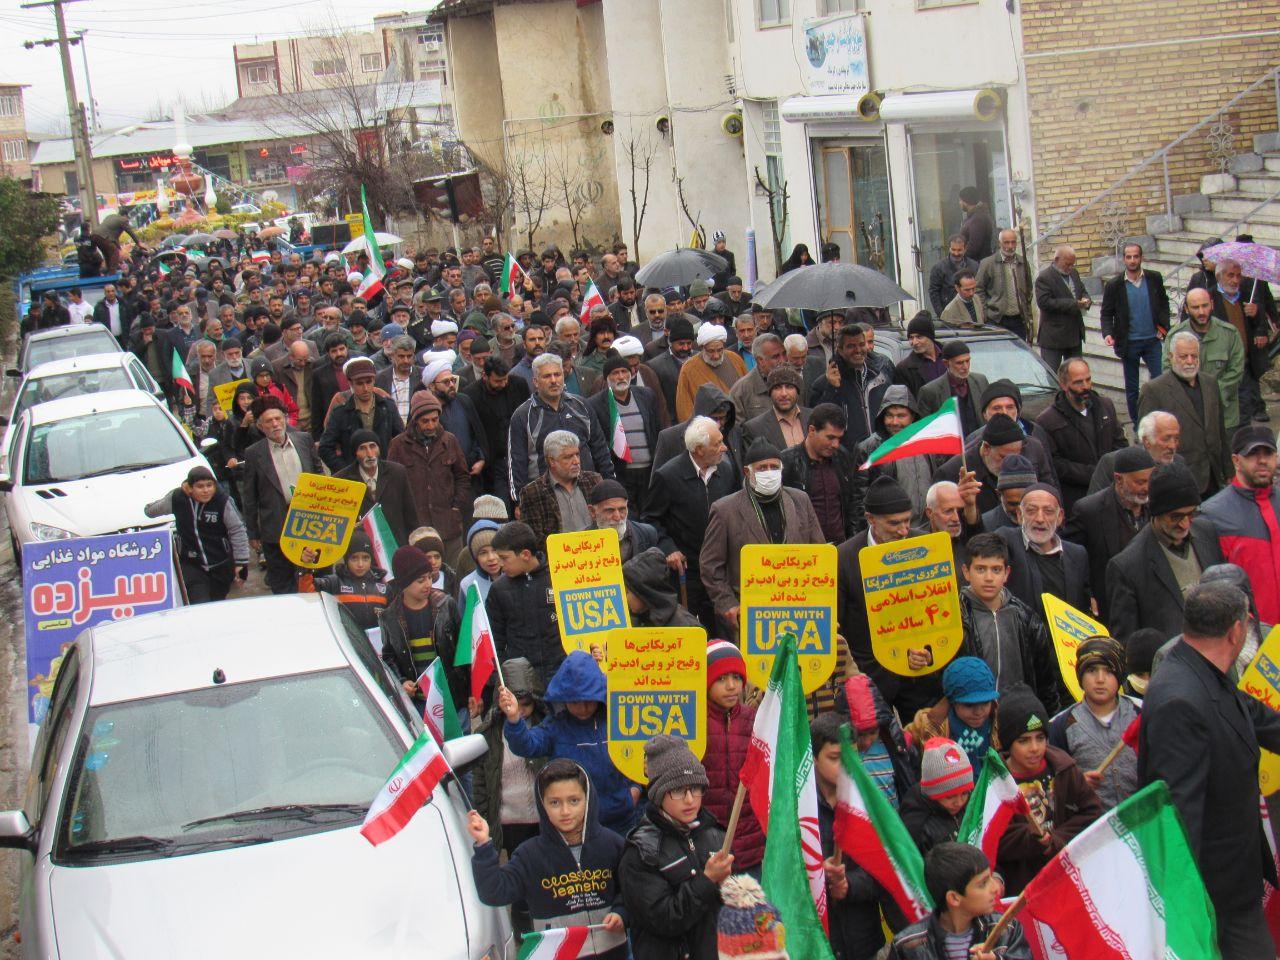 خروش مردم فهیم چهاردانگه در چهلمین سال پیروزی انقلاب اسلامی